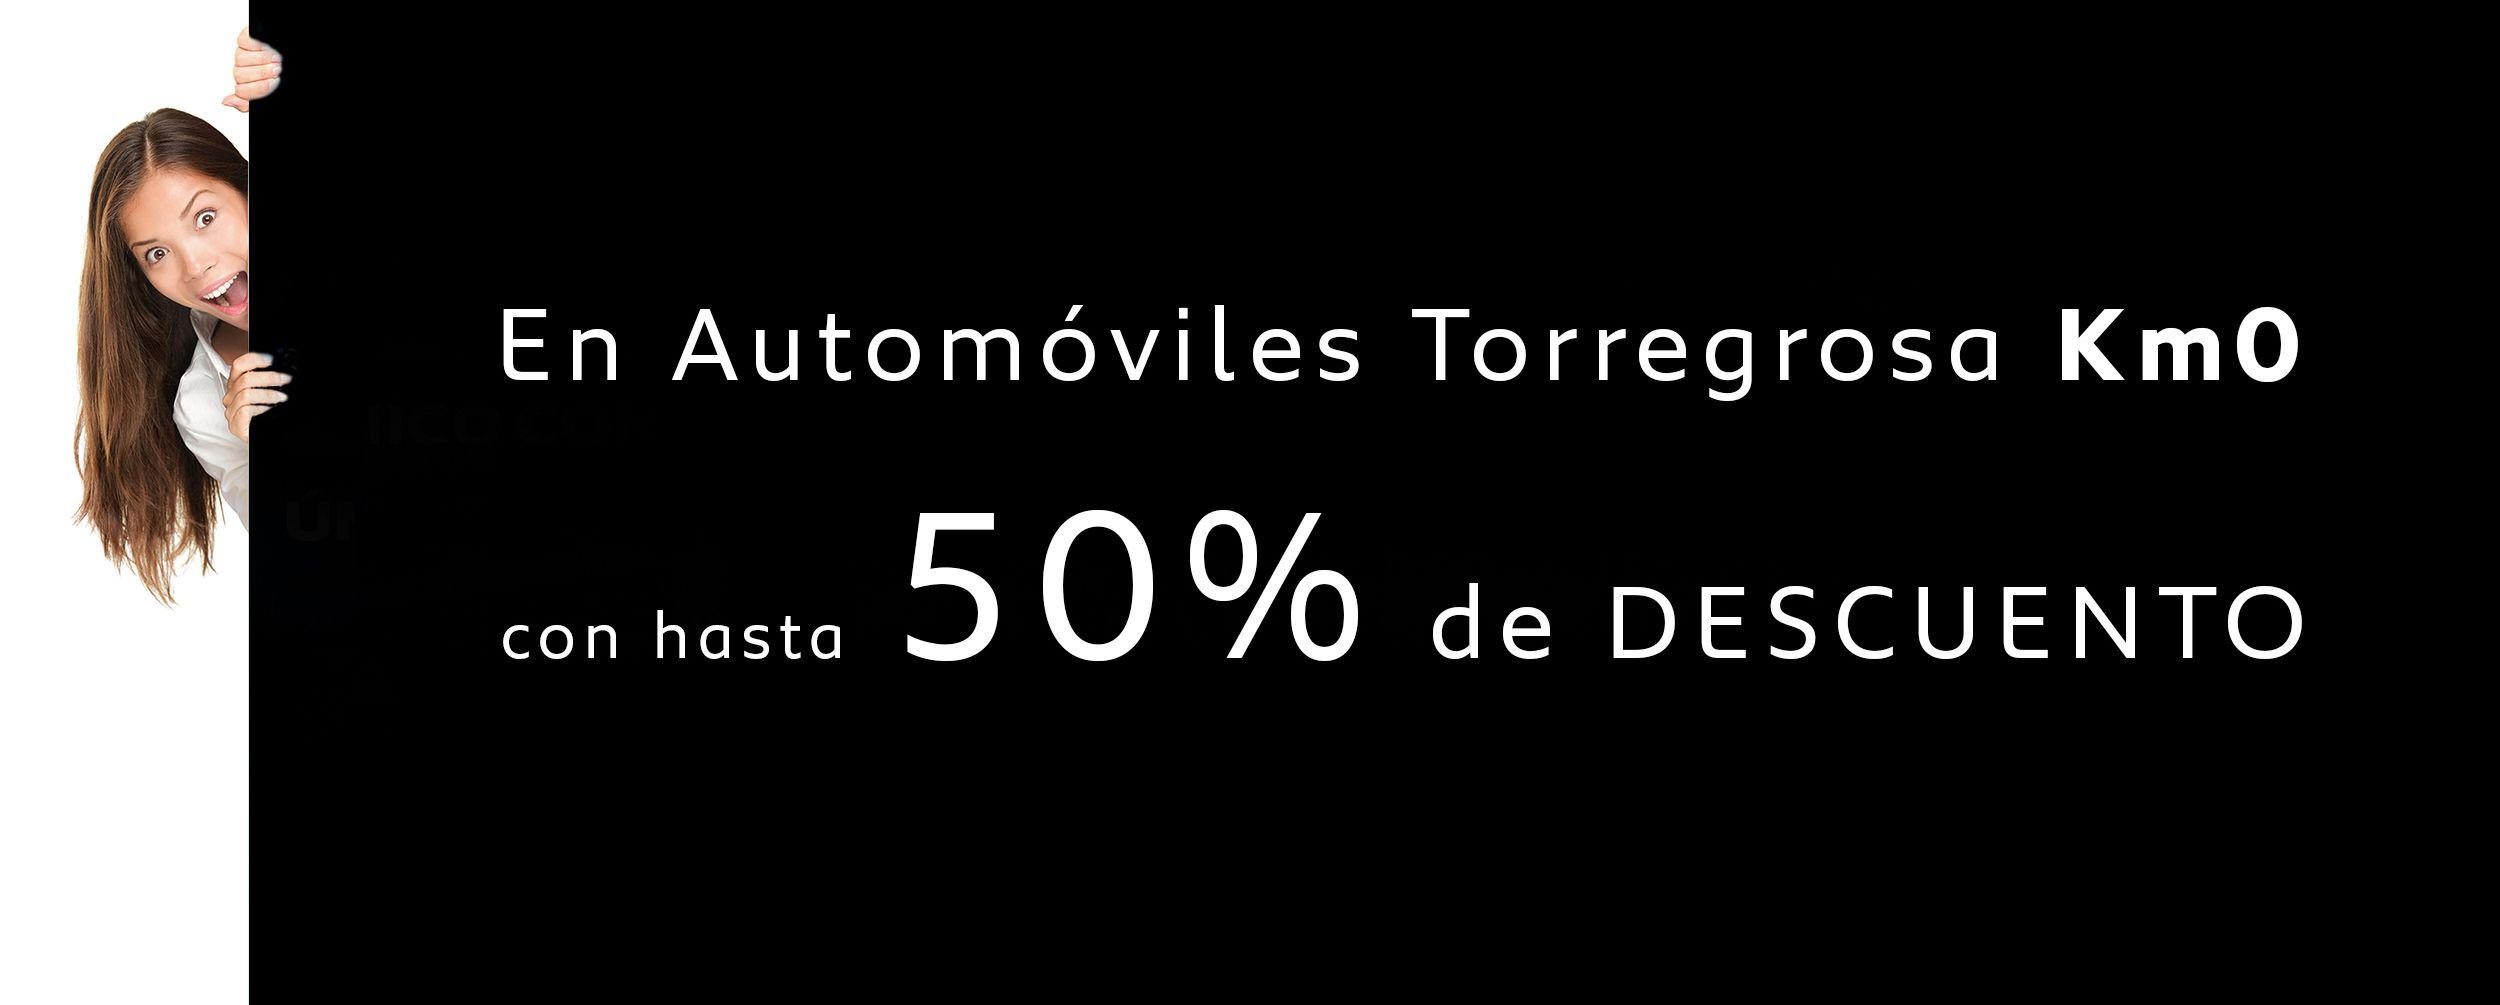 En Automóviles Torregrosa Km0 con hasta 50% de descuento.